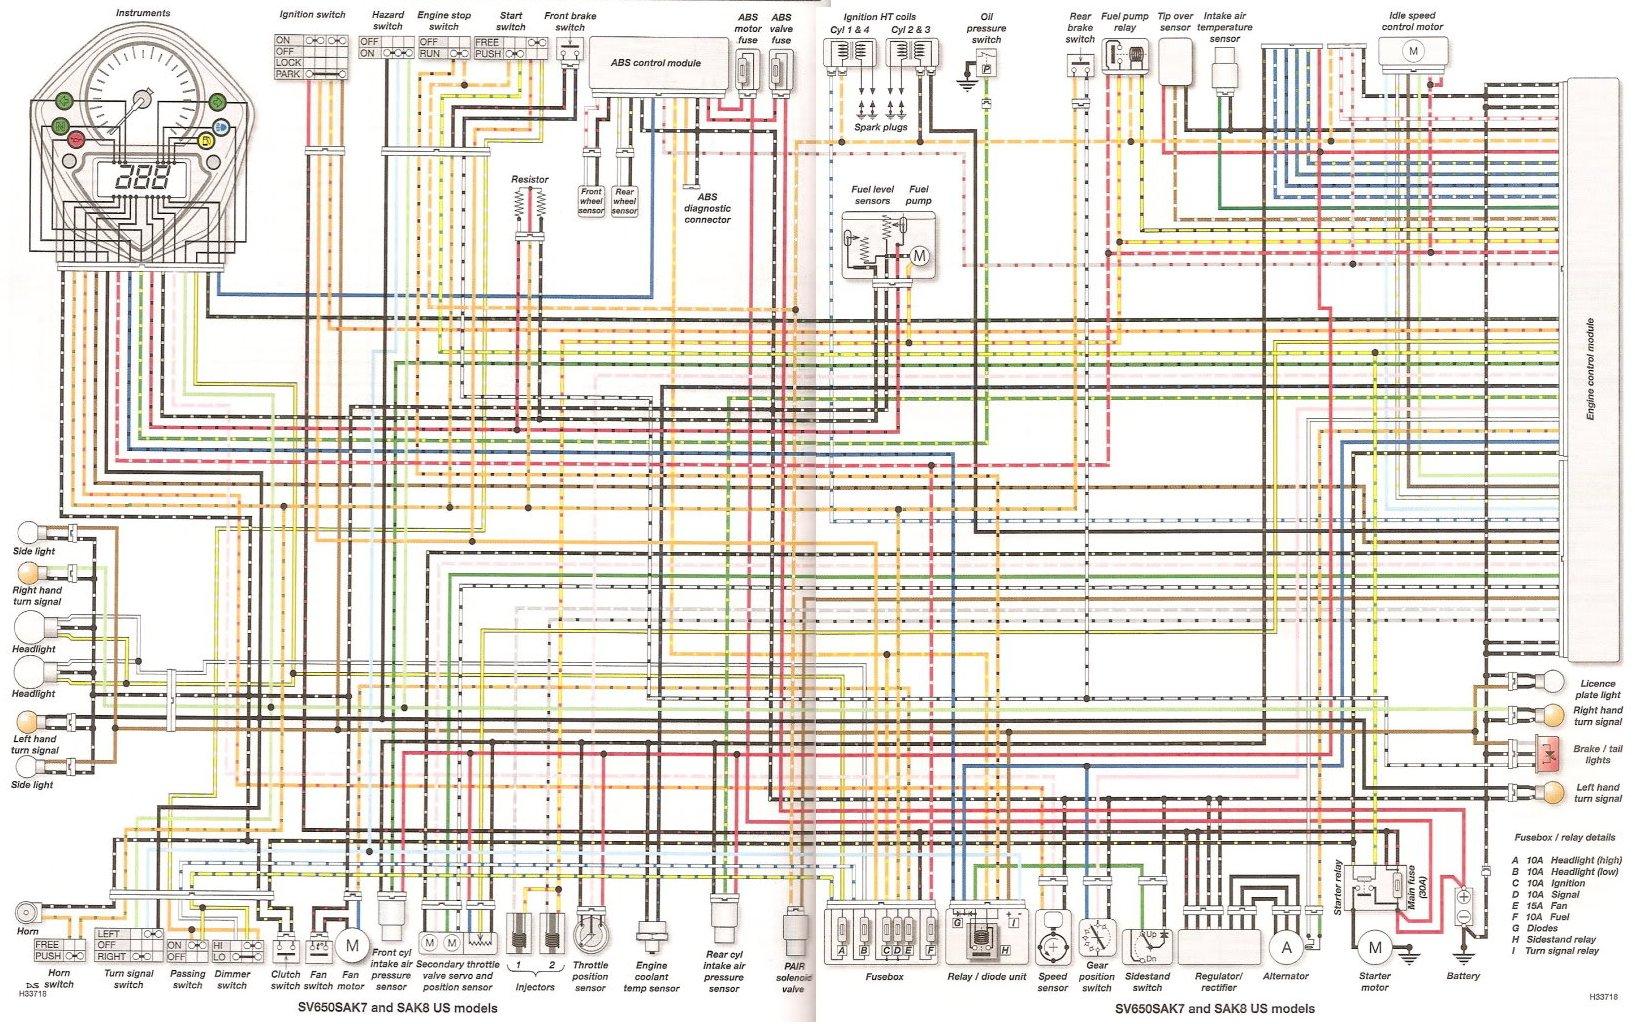 k6 gsxr 600 wiring diagram tecumseh engine wiring color code, Wiring diagram